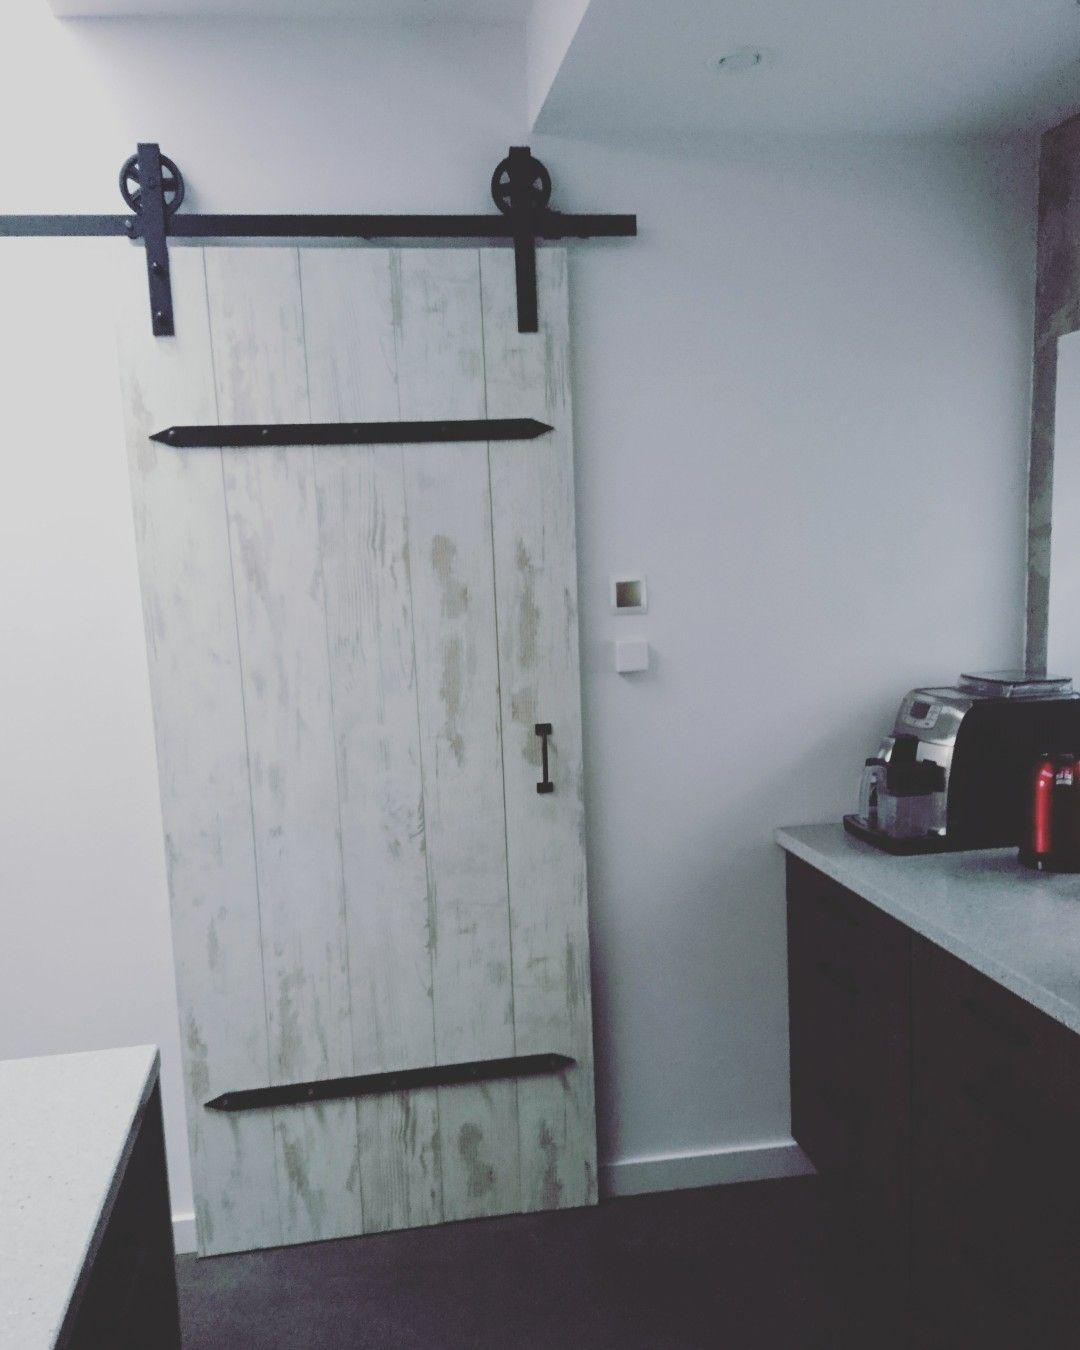 Drzwi Przesuwne Z Kuchni Do Spiżarni System Przesuwny Reno Home